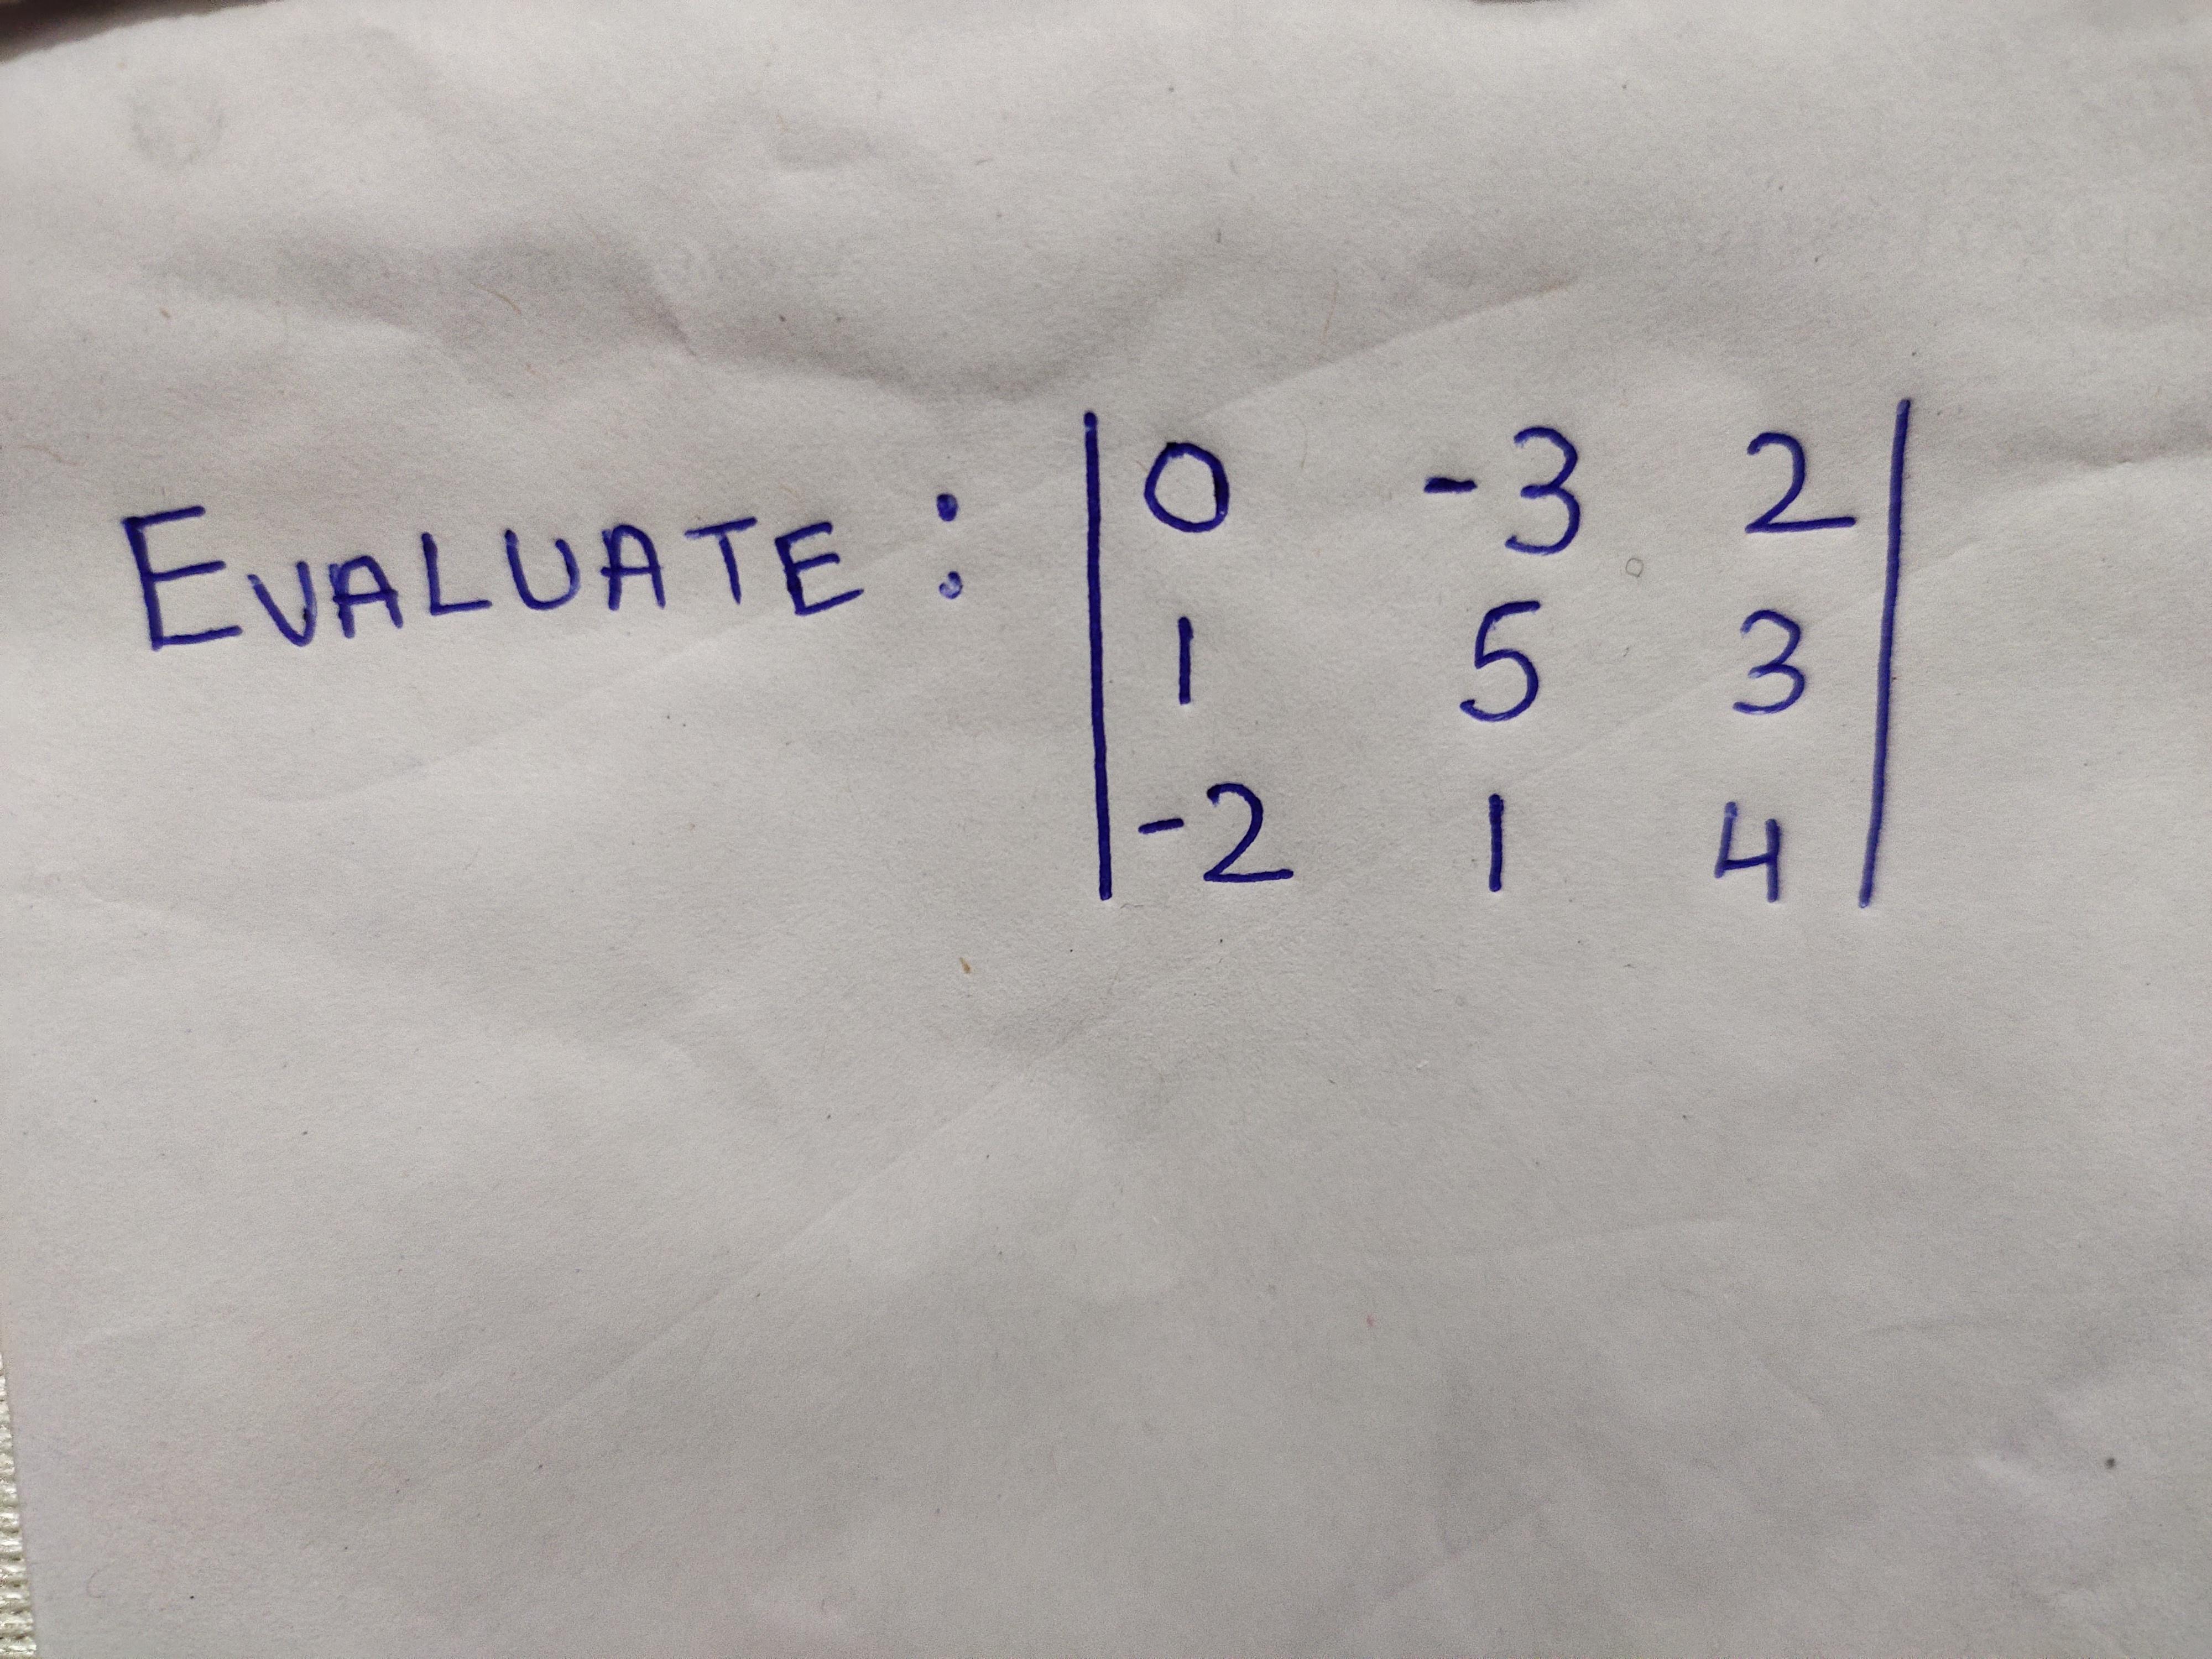 -32 5 3 EVALUATE: 1 -2 1